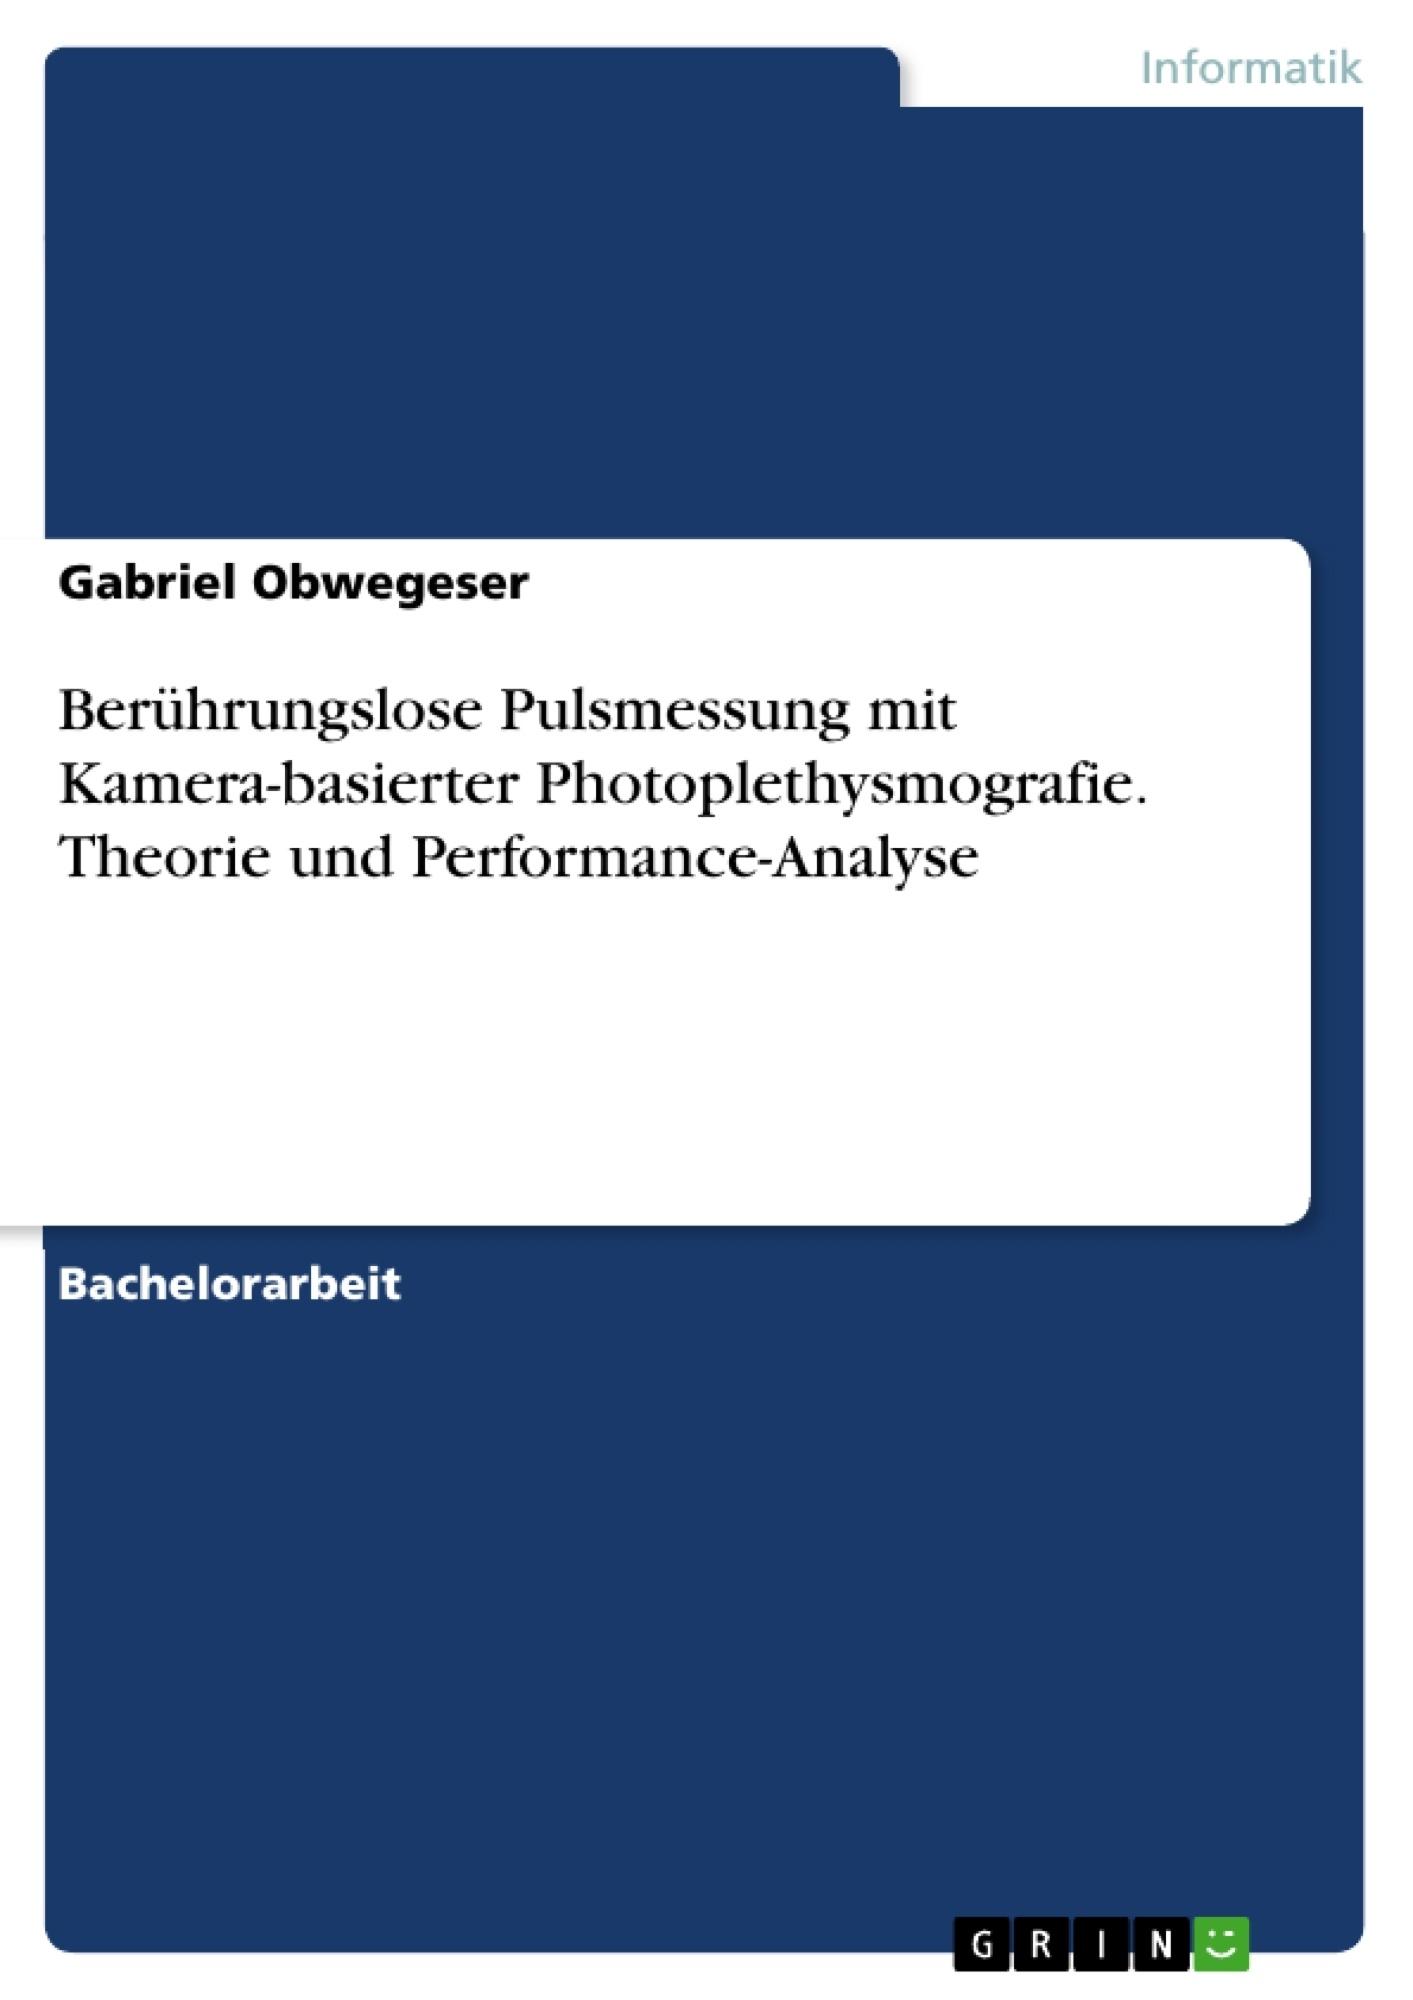 Titel: Berührungslose Pulsmessung mit Kamera-basierter Photoplethysmografie. Theorie und Performance-Analyse